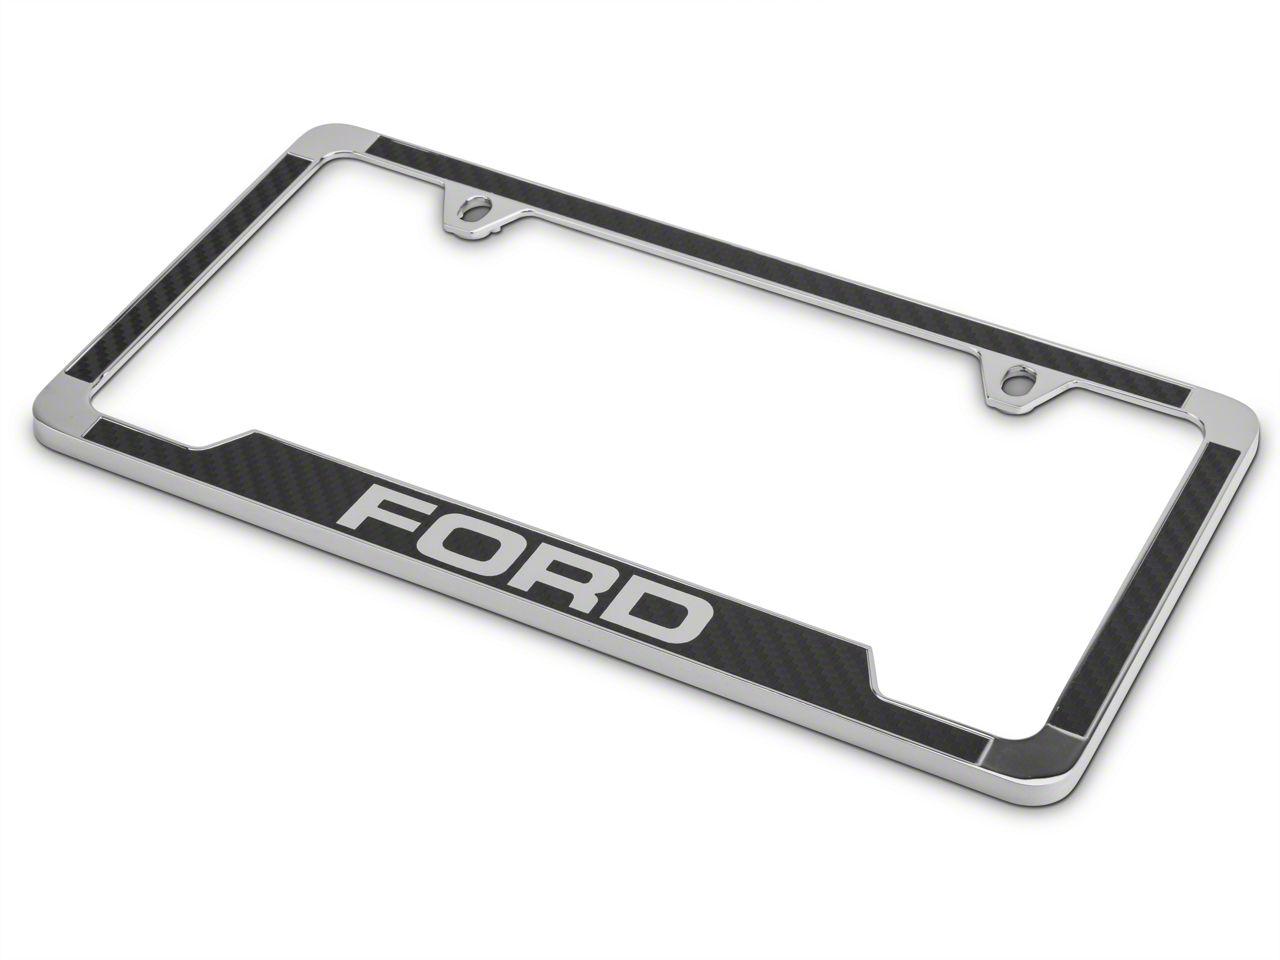 Ford License Plate Frame w/ Carbon Fiber Vinyl Insert (97-18 F-150)